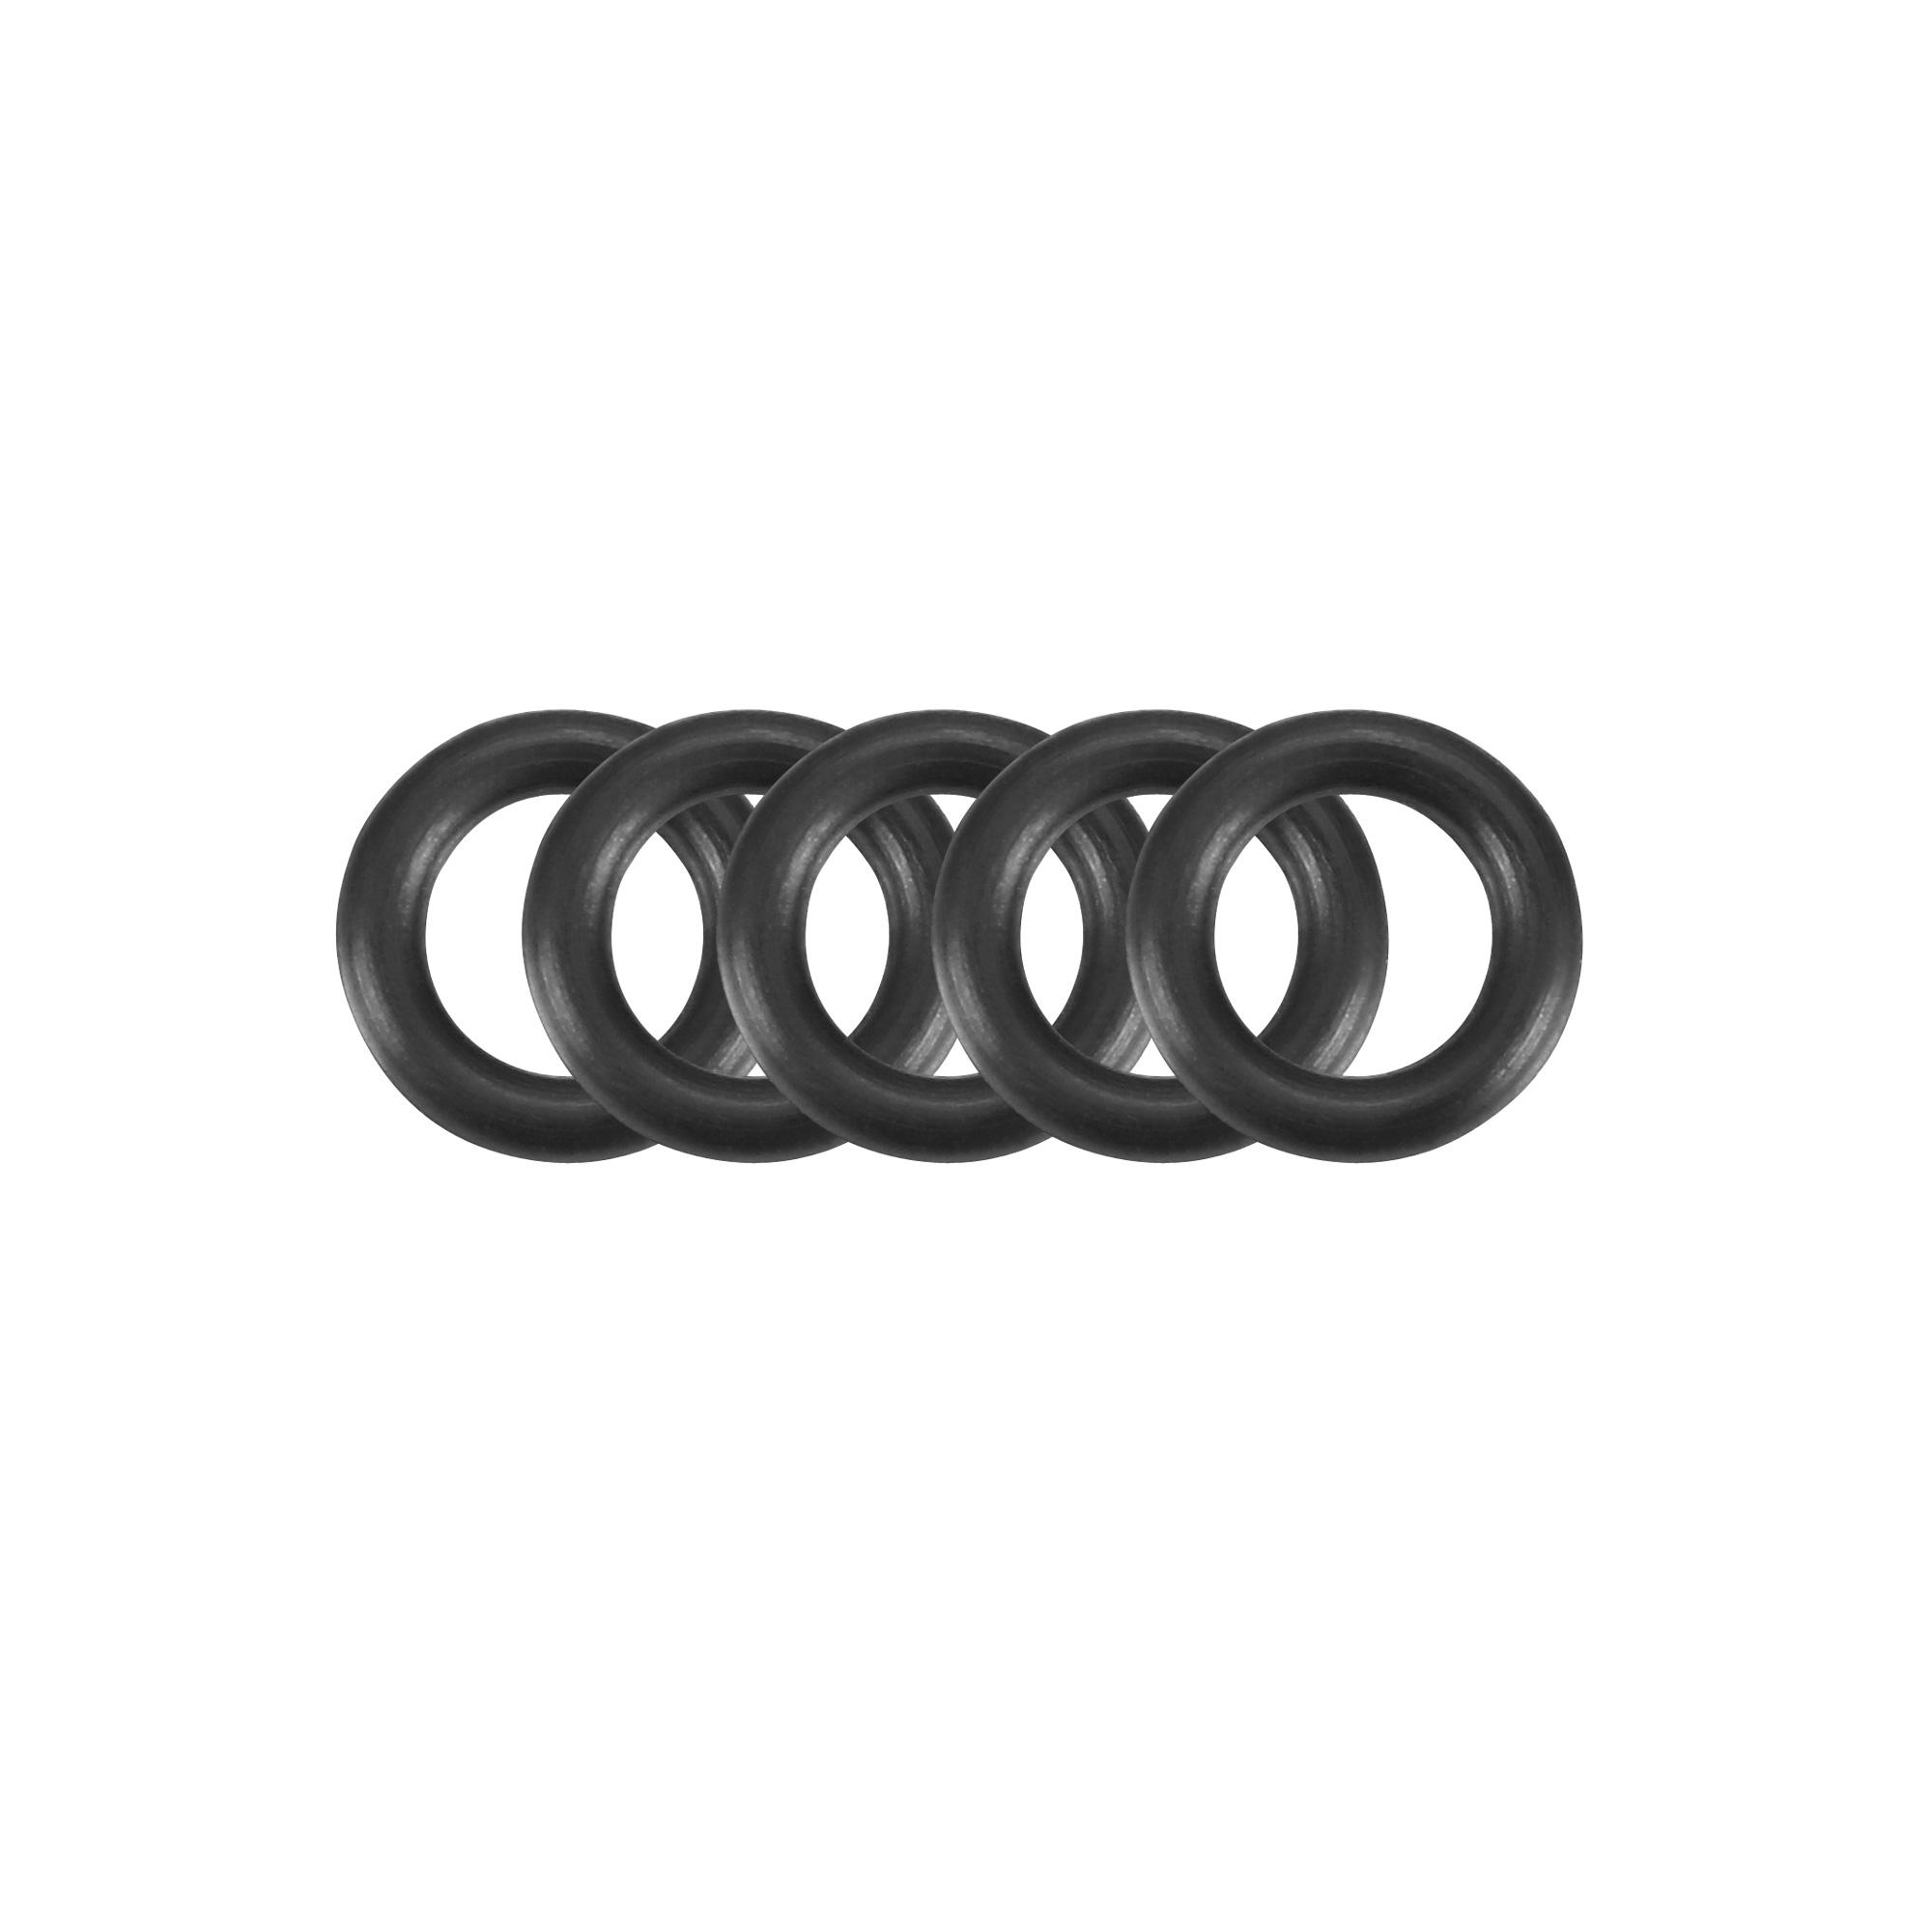 50pcs Black Nitrile Butadiene Rubber NBR O-Ring 3.8mm Inner Dia 1.2mm Width